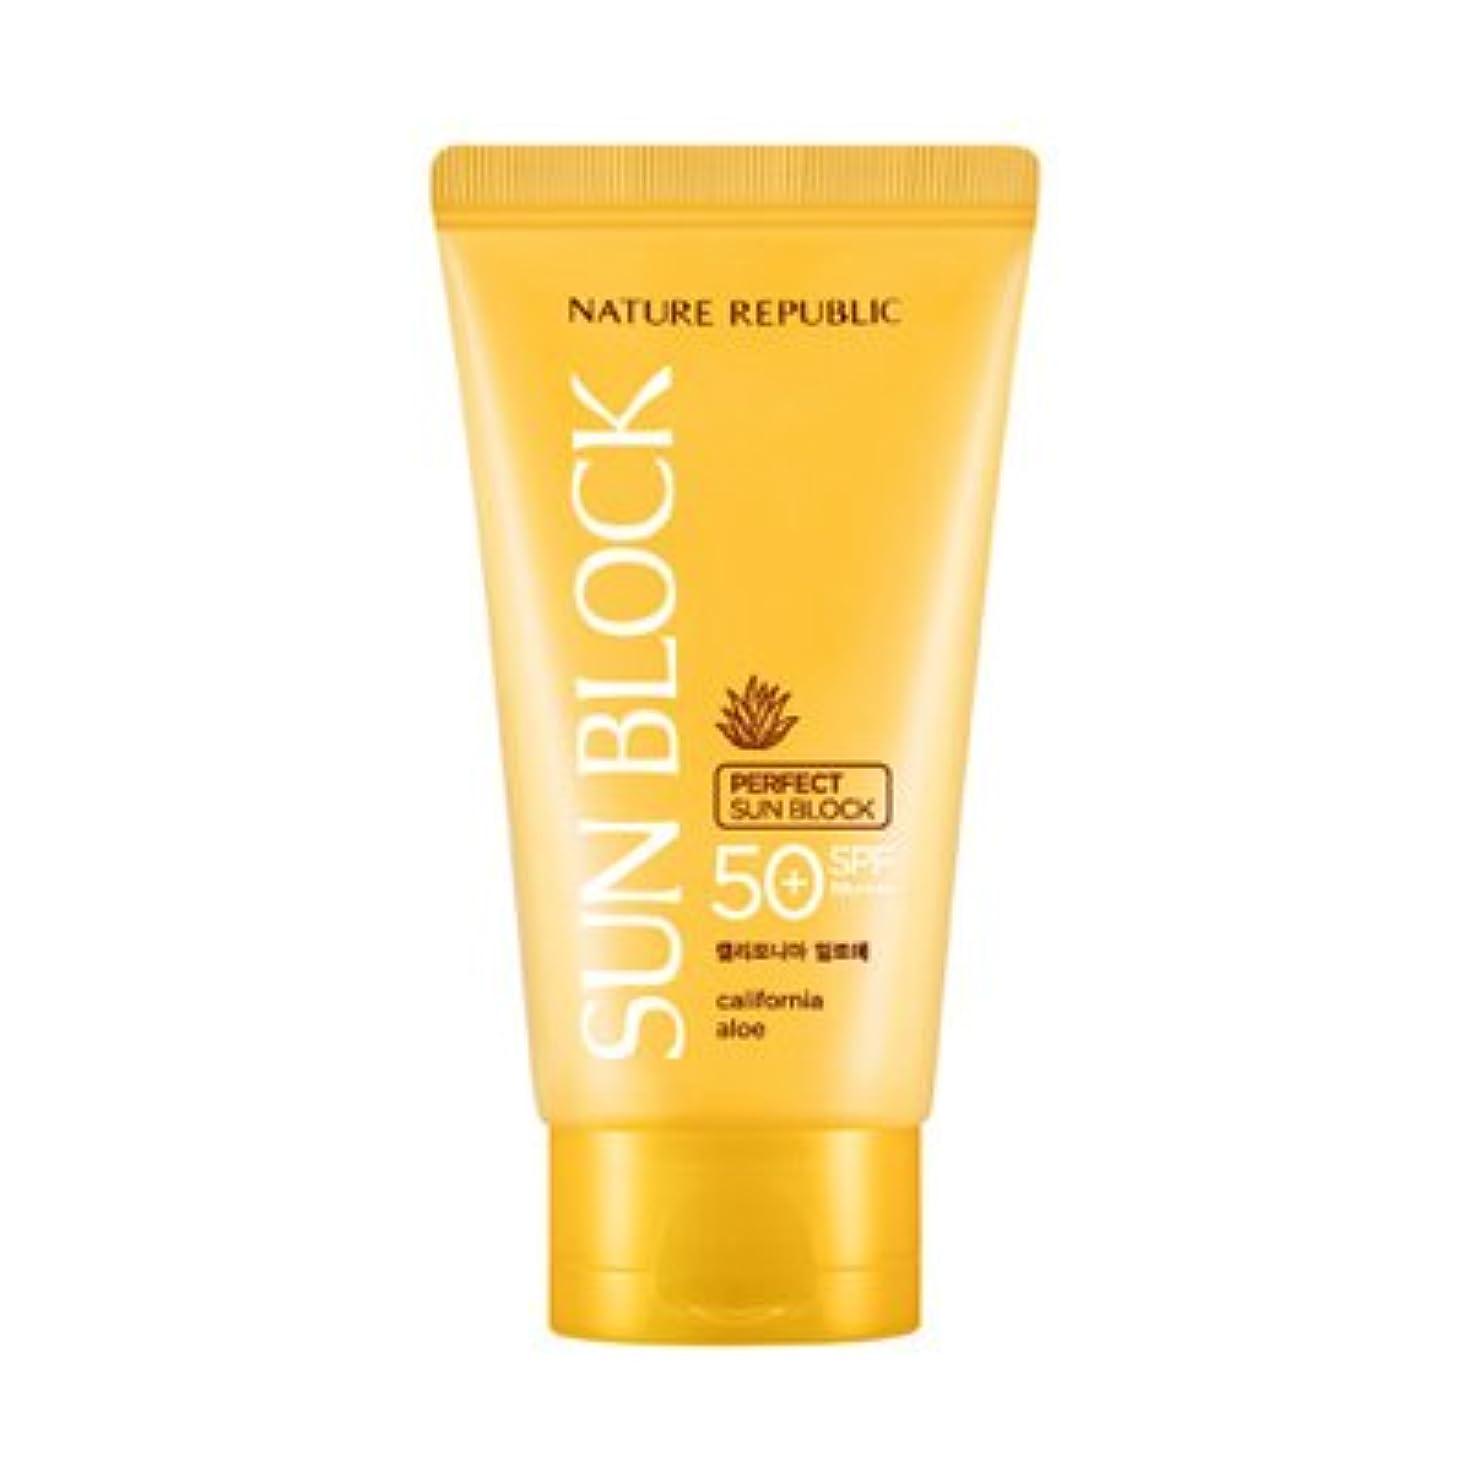 通貨ベックスマークされたNATURE REPUBLIC California Aloe Perfect Sun Block SPF50+ PA++++ 150ml / ネイチャーリパブリック カリフォルニアアロエパーフェクトサンブロック [並行輸入品]